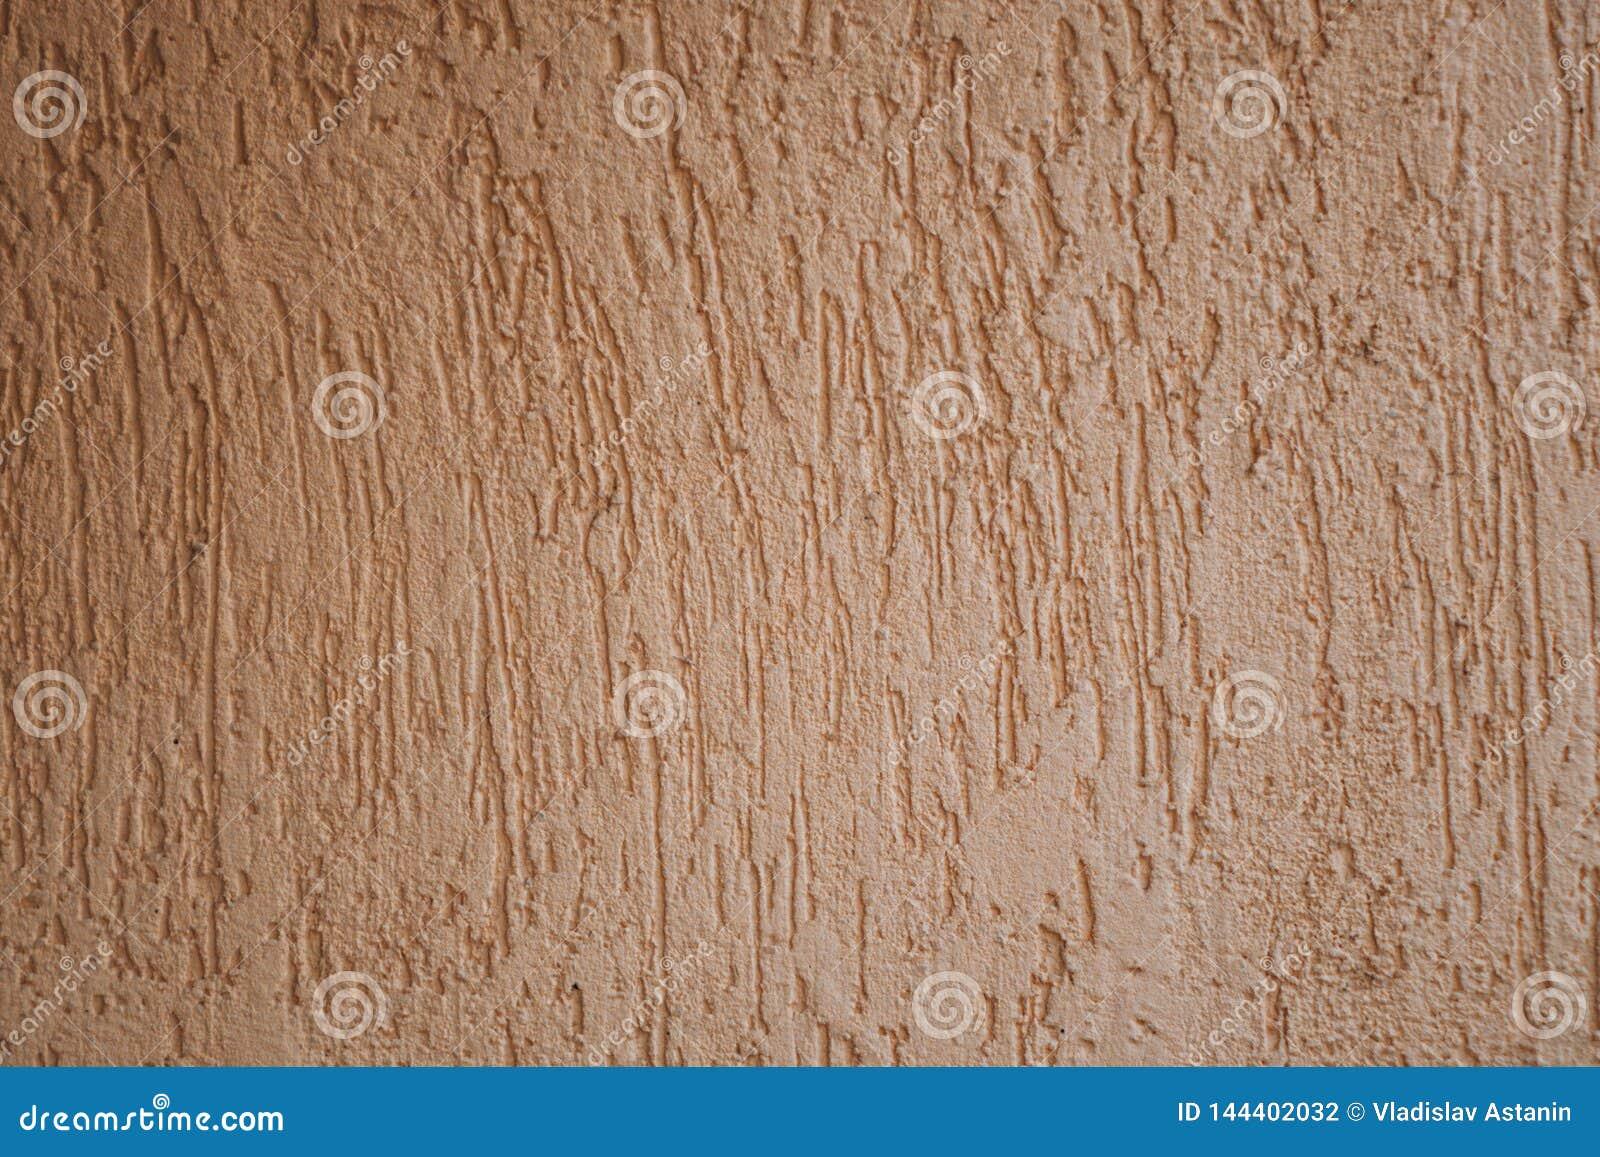 Bruine ijzer achtergrondtextuur abstracte roestige muur